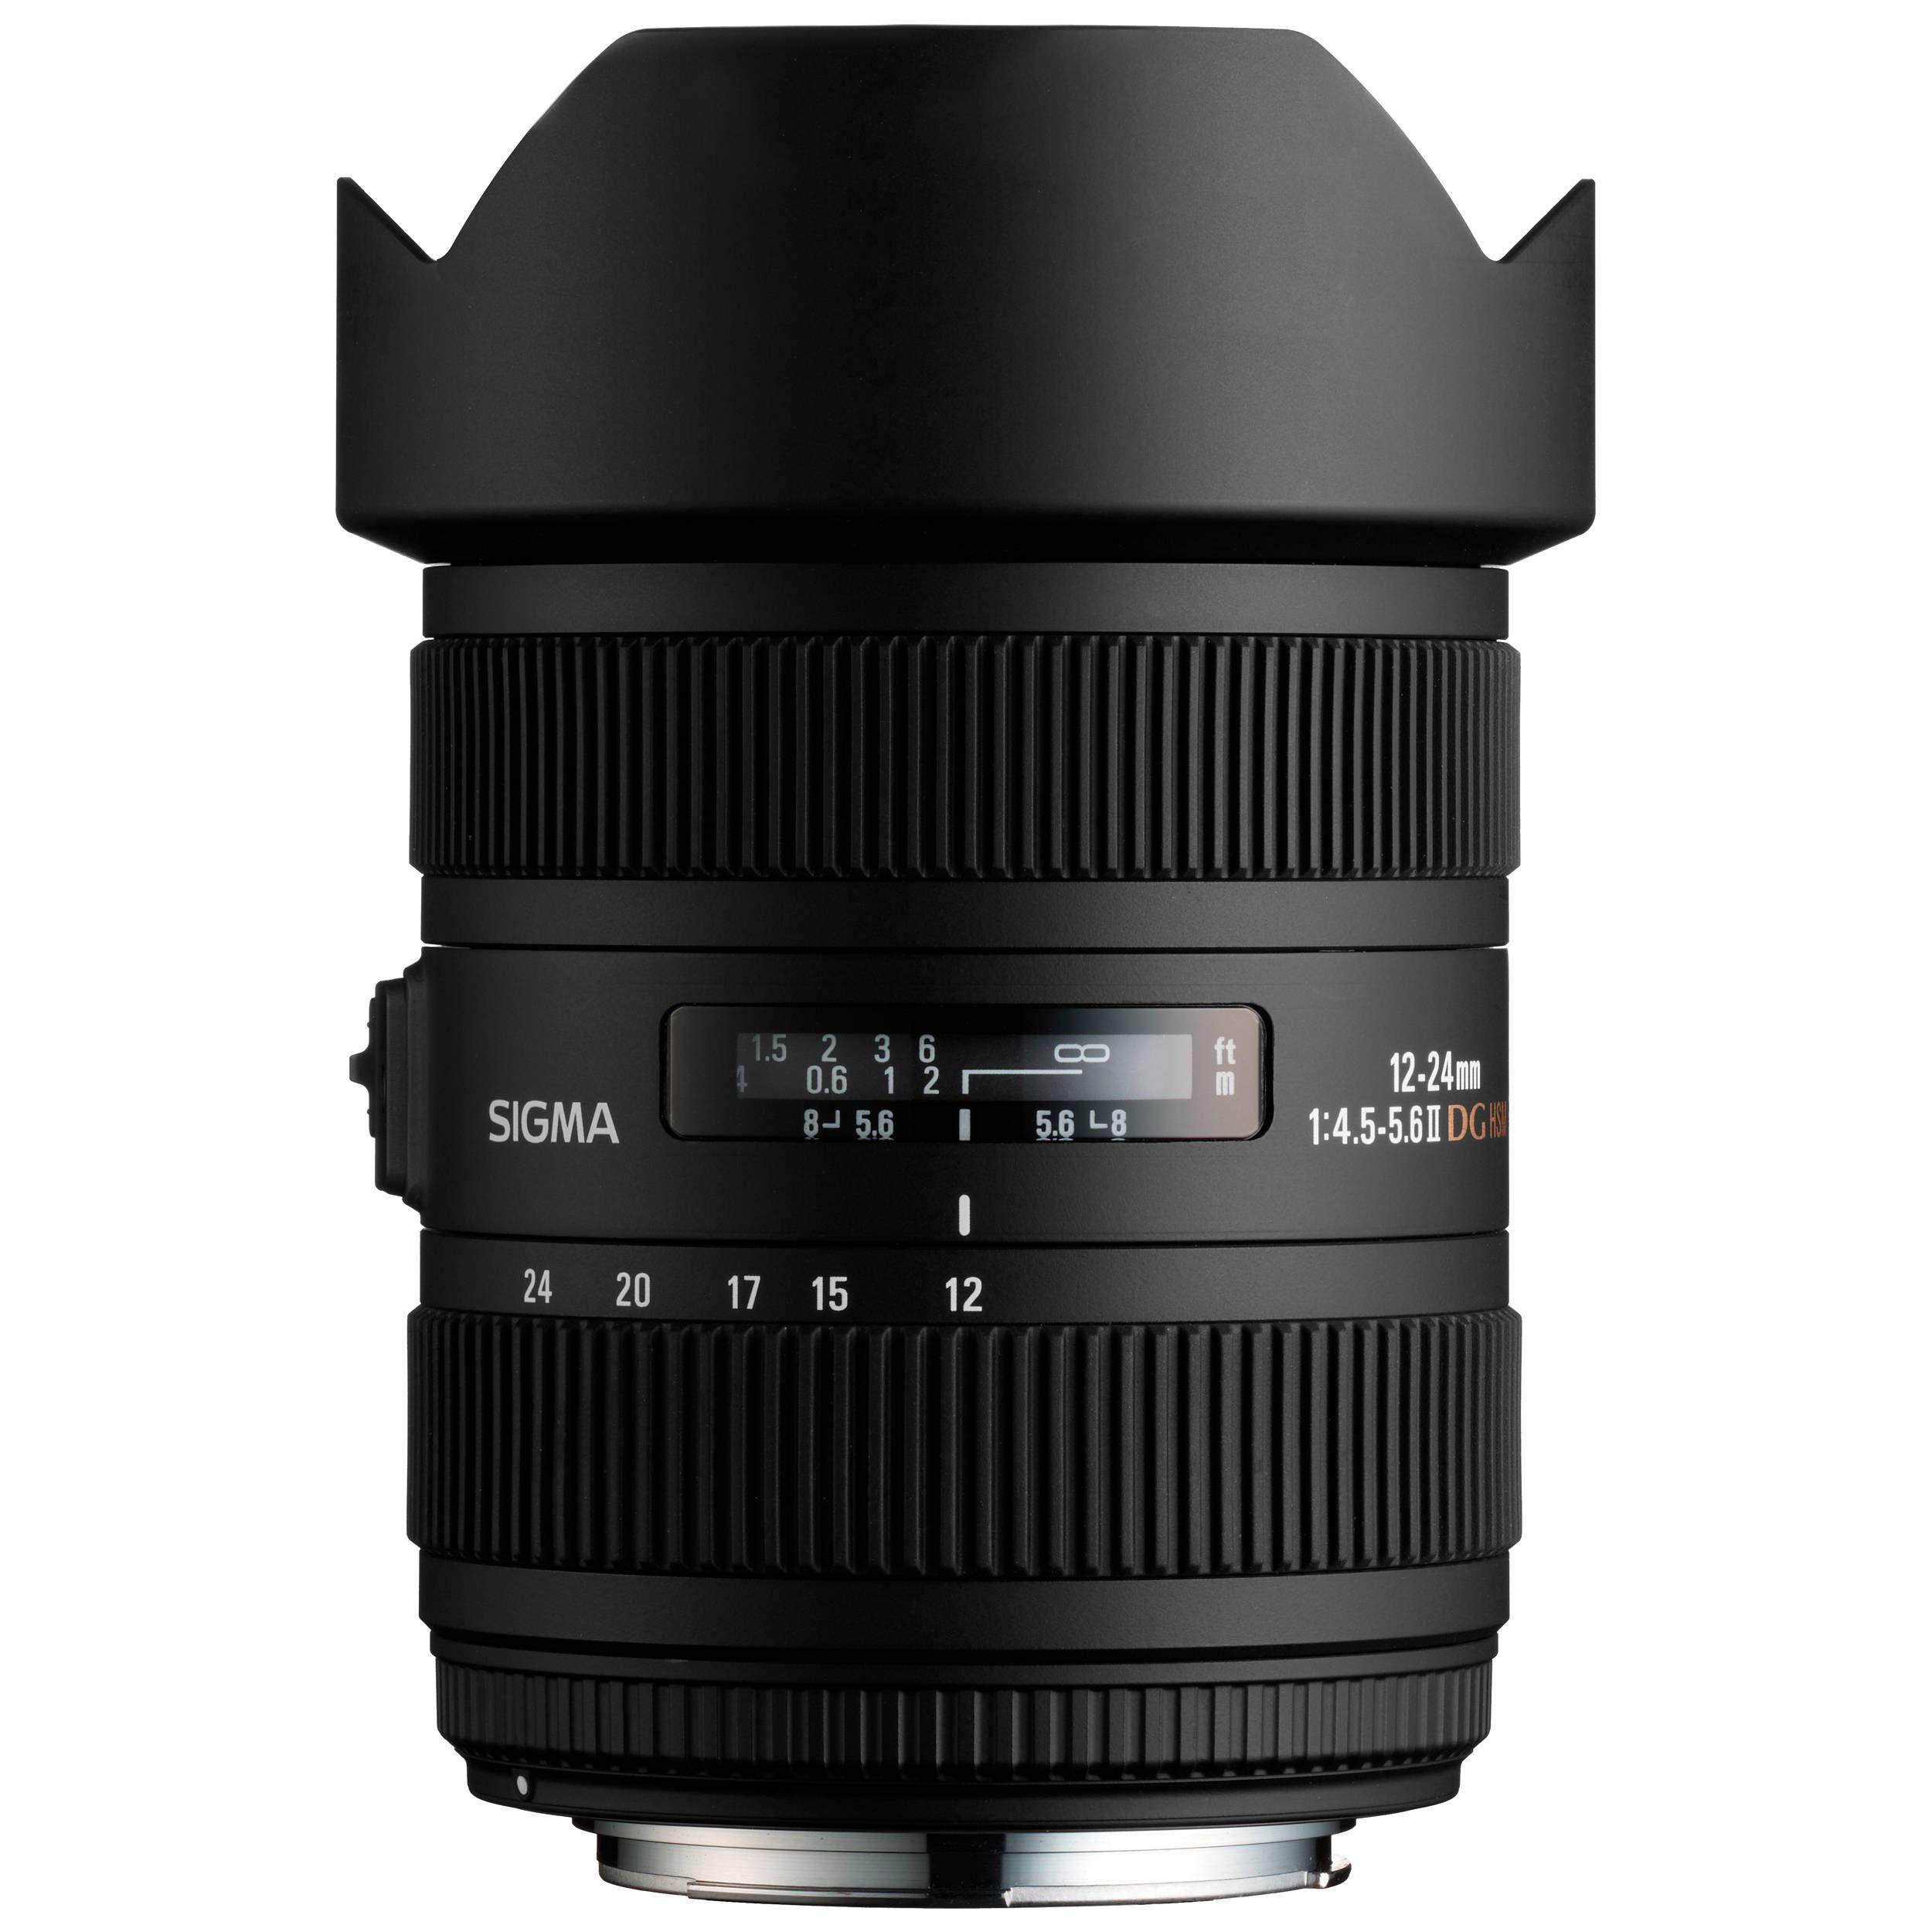 Sigma 12-24mm f/4.5-5.6 DG HSM II Lens (For Canon) | Best lenses for ...